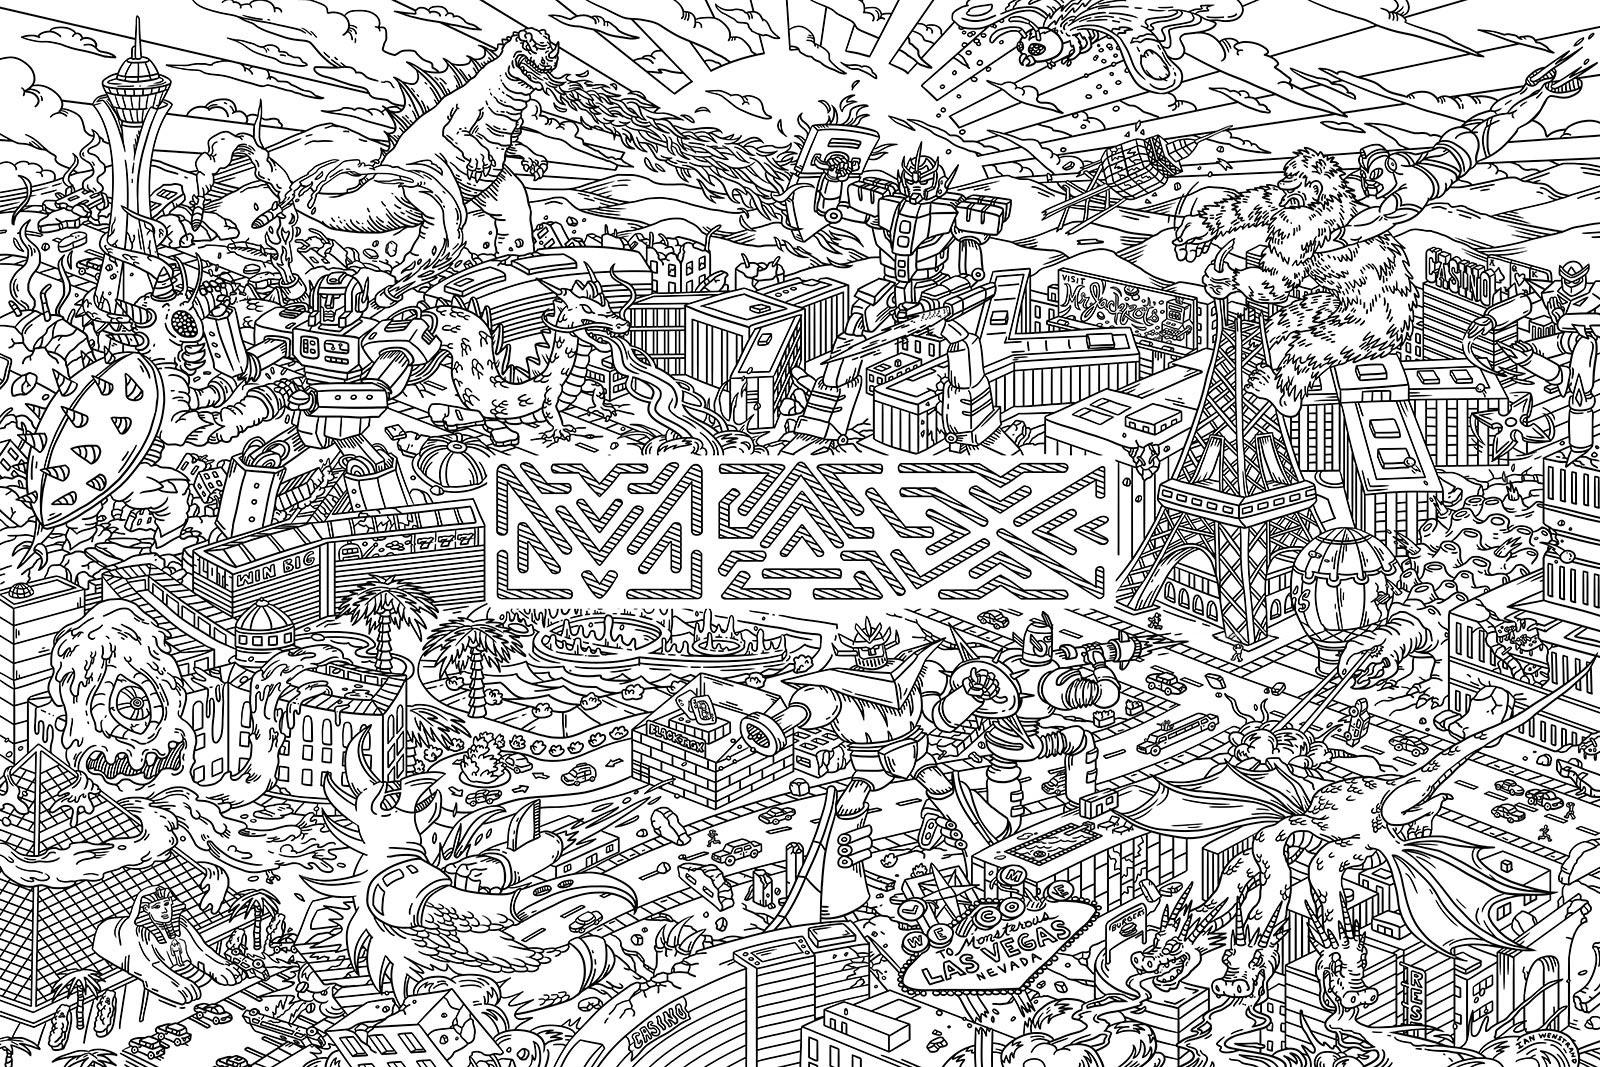 Ian Wenstrand - Adobe Max Coloring Wallpaper